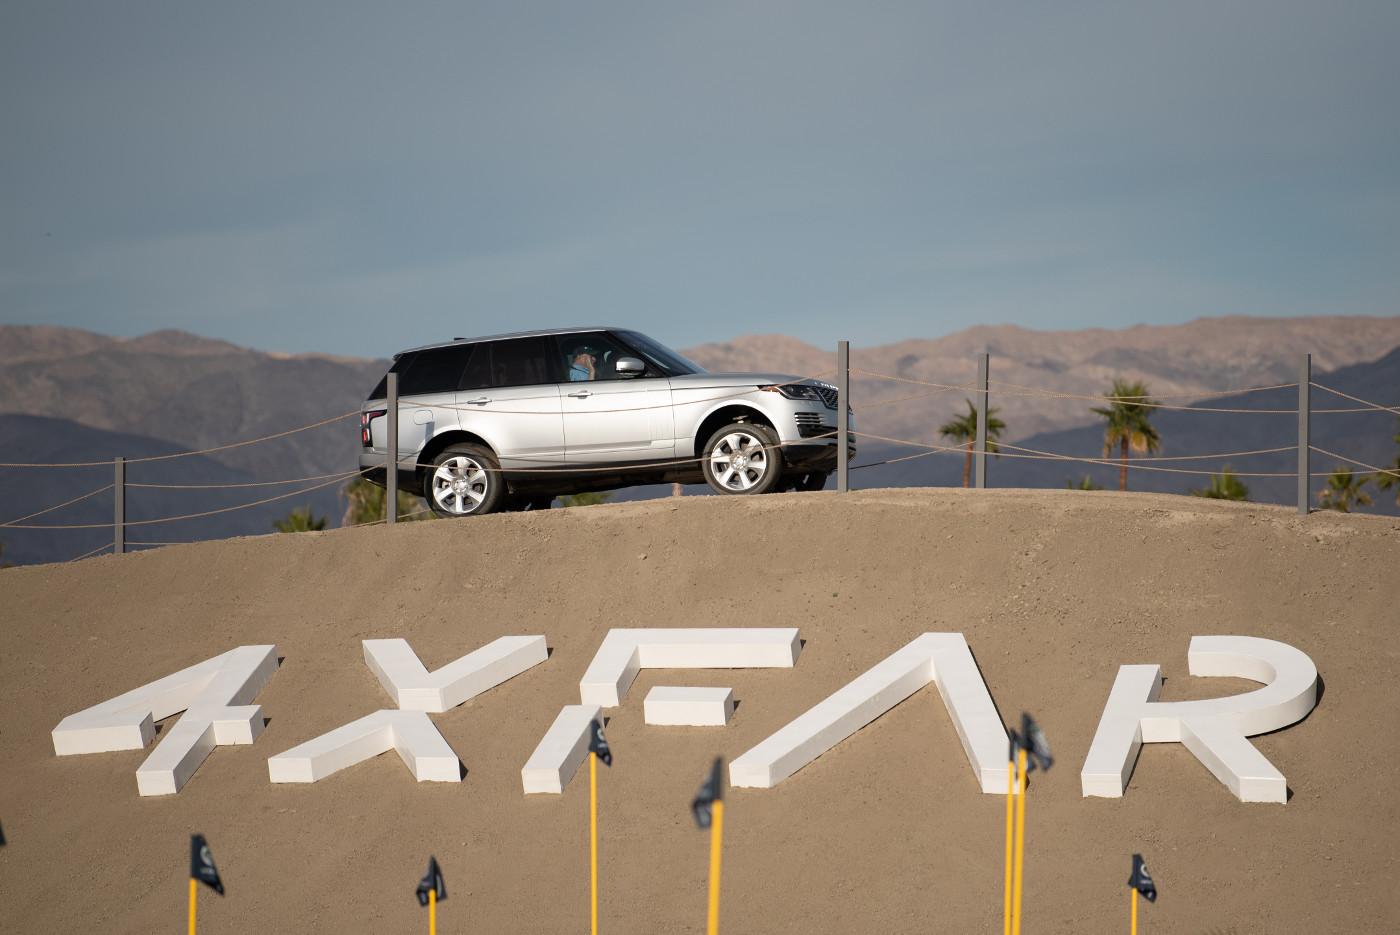 images/4xFar 2020/4XFAR off road course